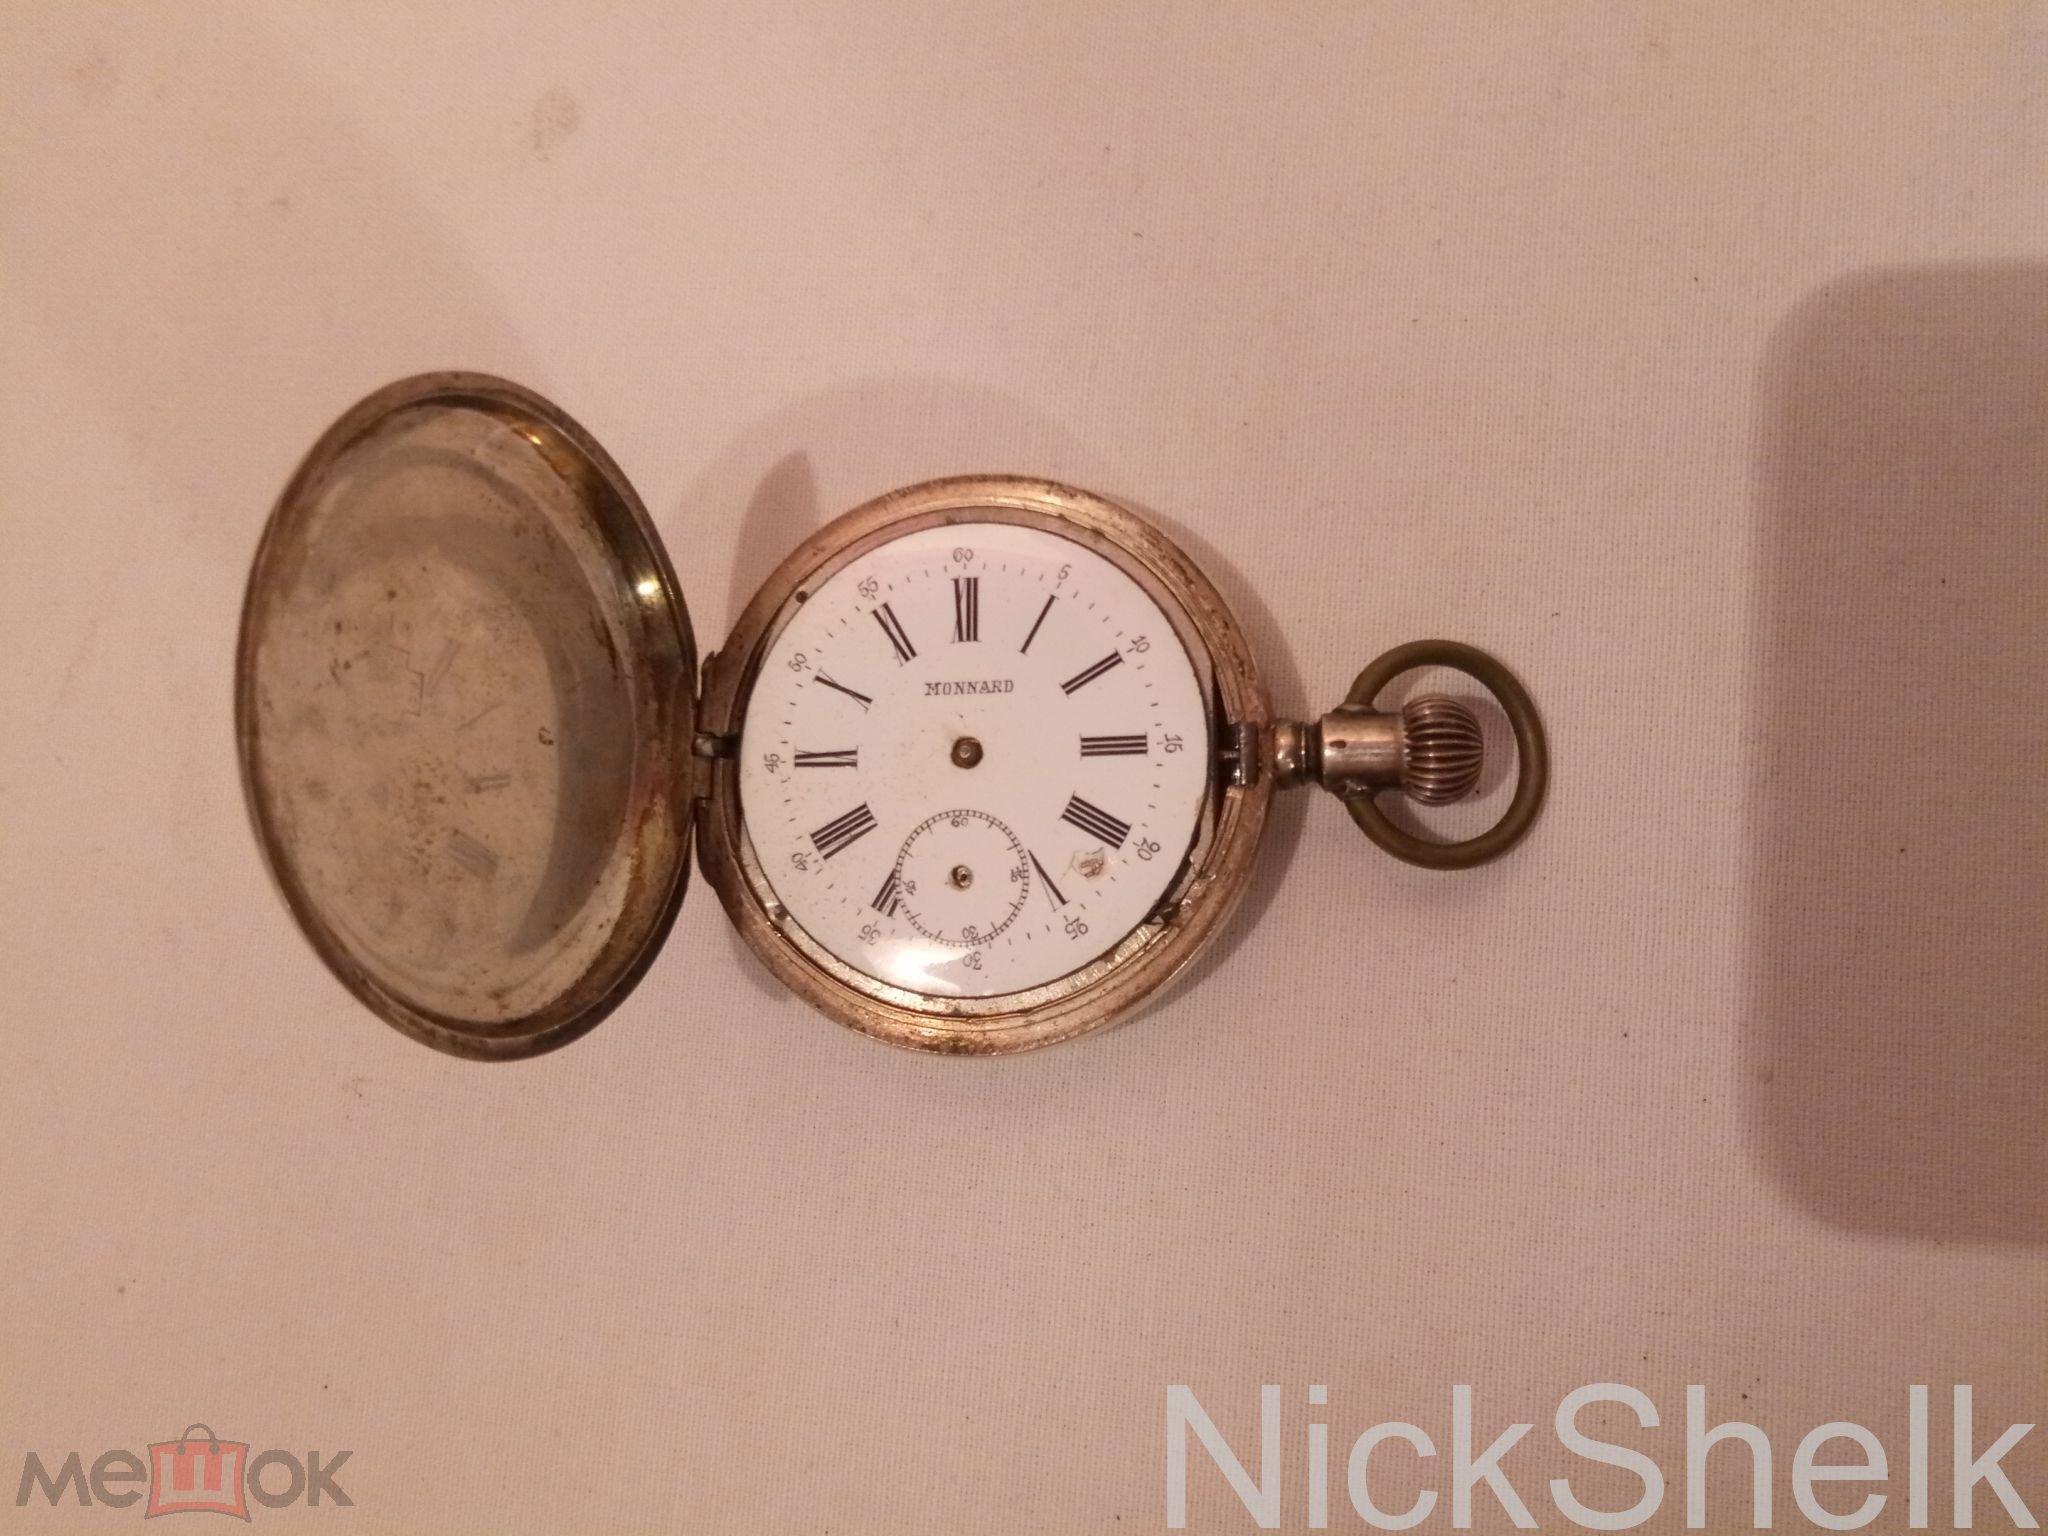 2ce63bb3 Часы карманные Monnard серебро 84 проба трёхкрышечные серебряный корпус в  ремонт более не продается. Возможно, Вас заинтересуют эти лоты ↓